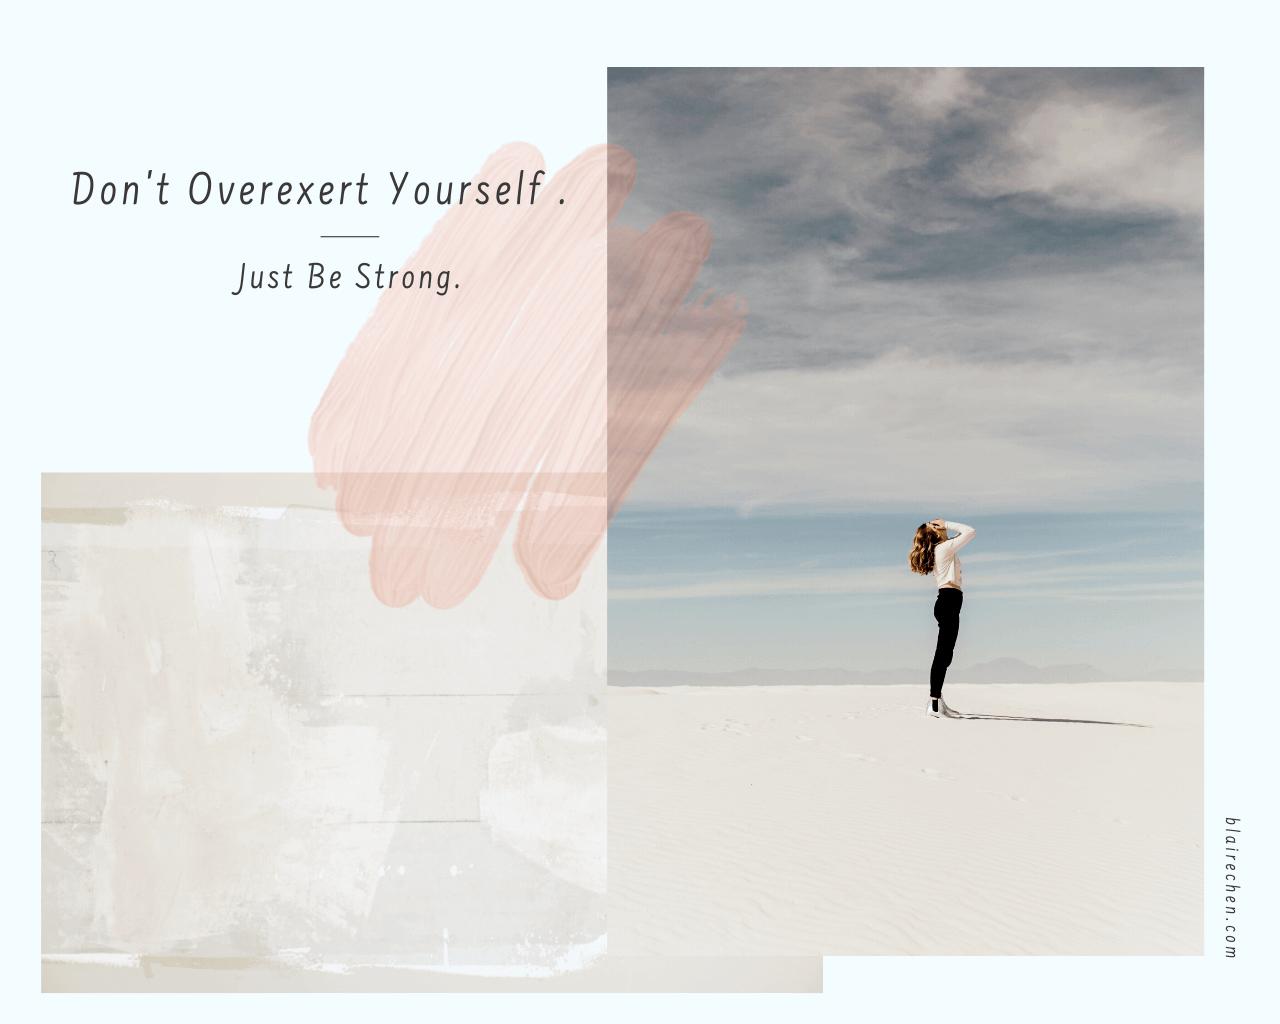 你習慣逞強嗎?5 個心態調整,讓你不用受委屈、就能成為真正堅強的自己!